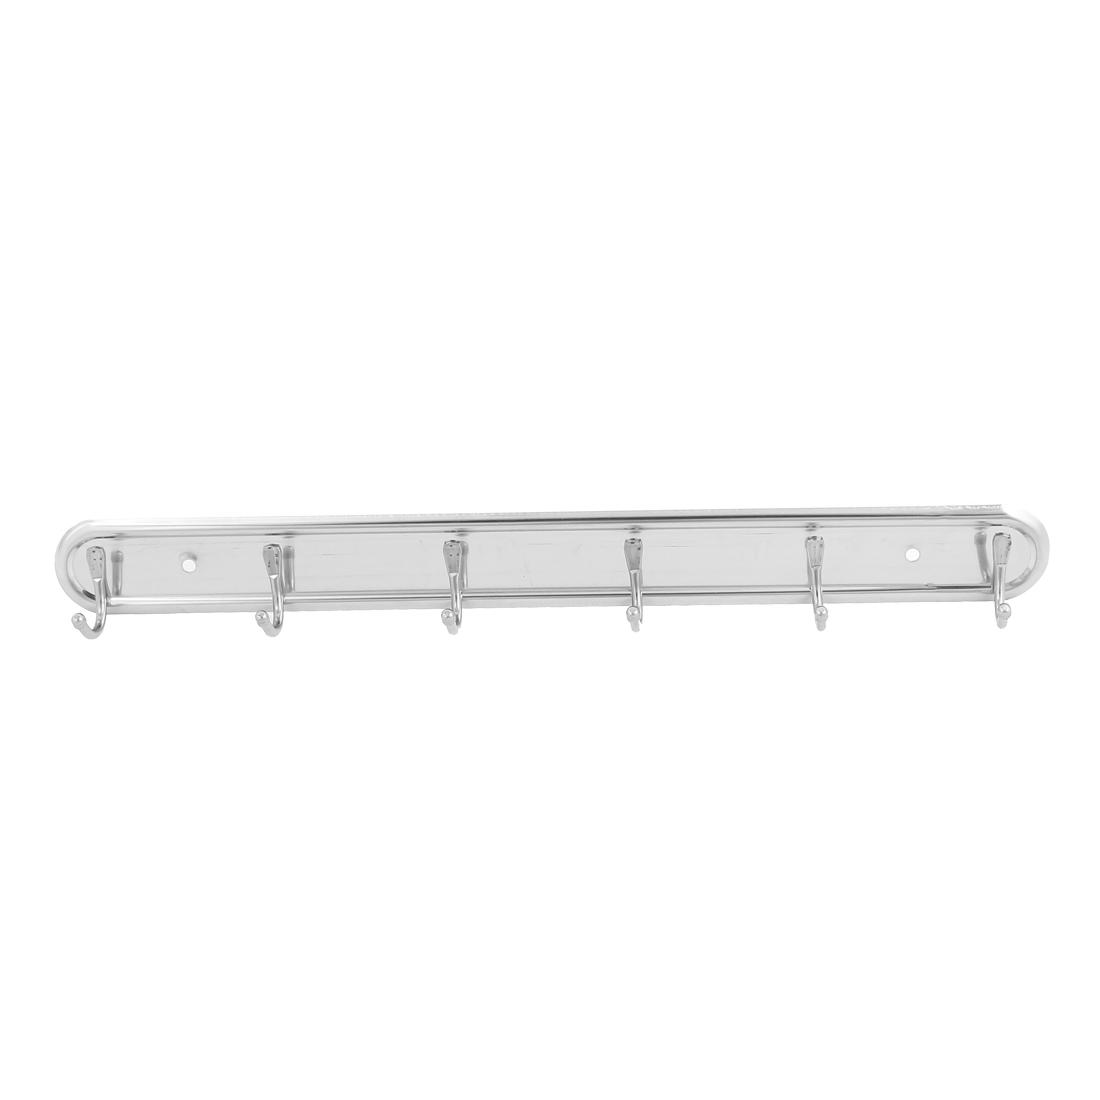 Aluminium Alloy Wall Mounted 6 Hooks Coat Towel Hat Rack Silver Tone